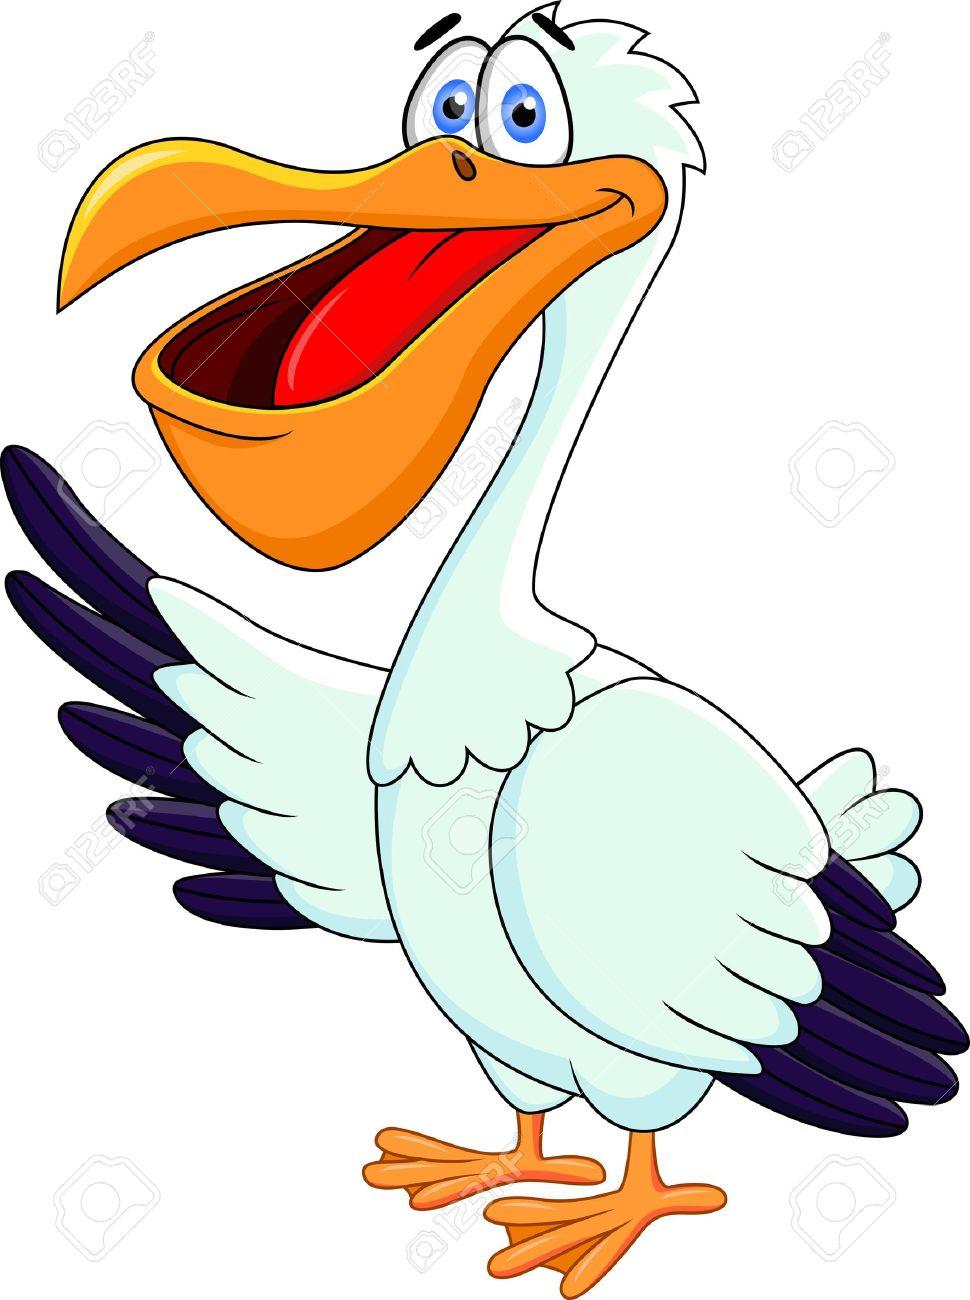 Pelican Cartoon Stock Vector - 13281567